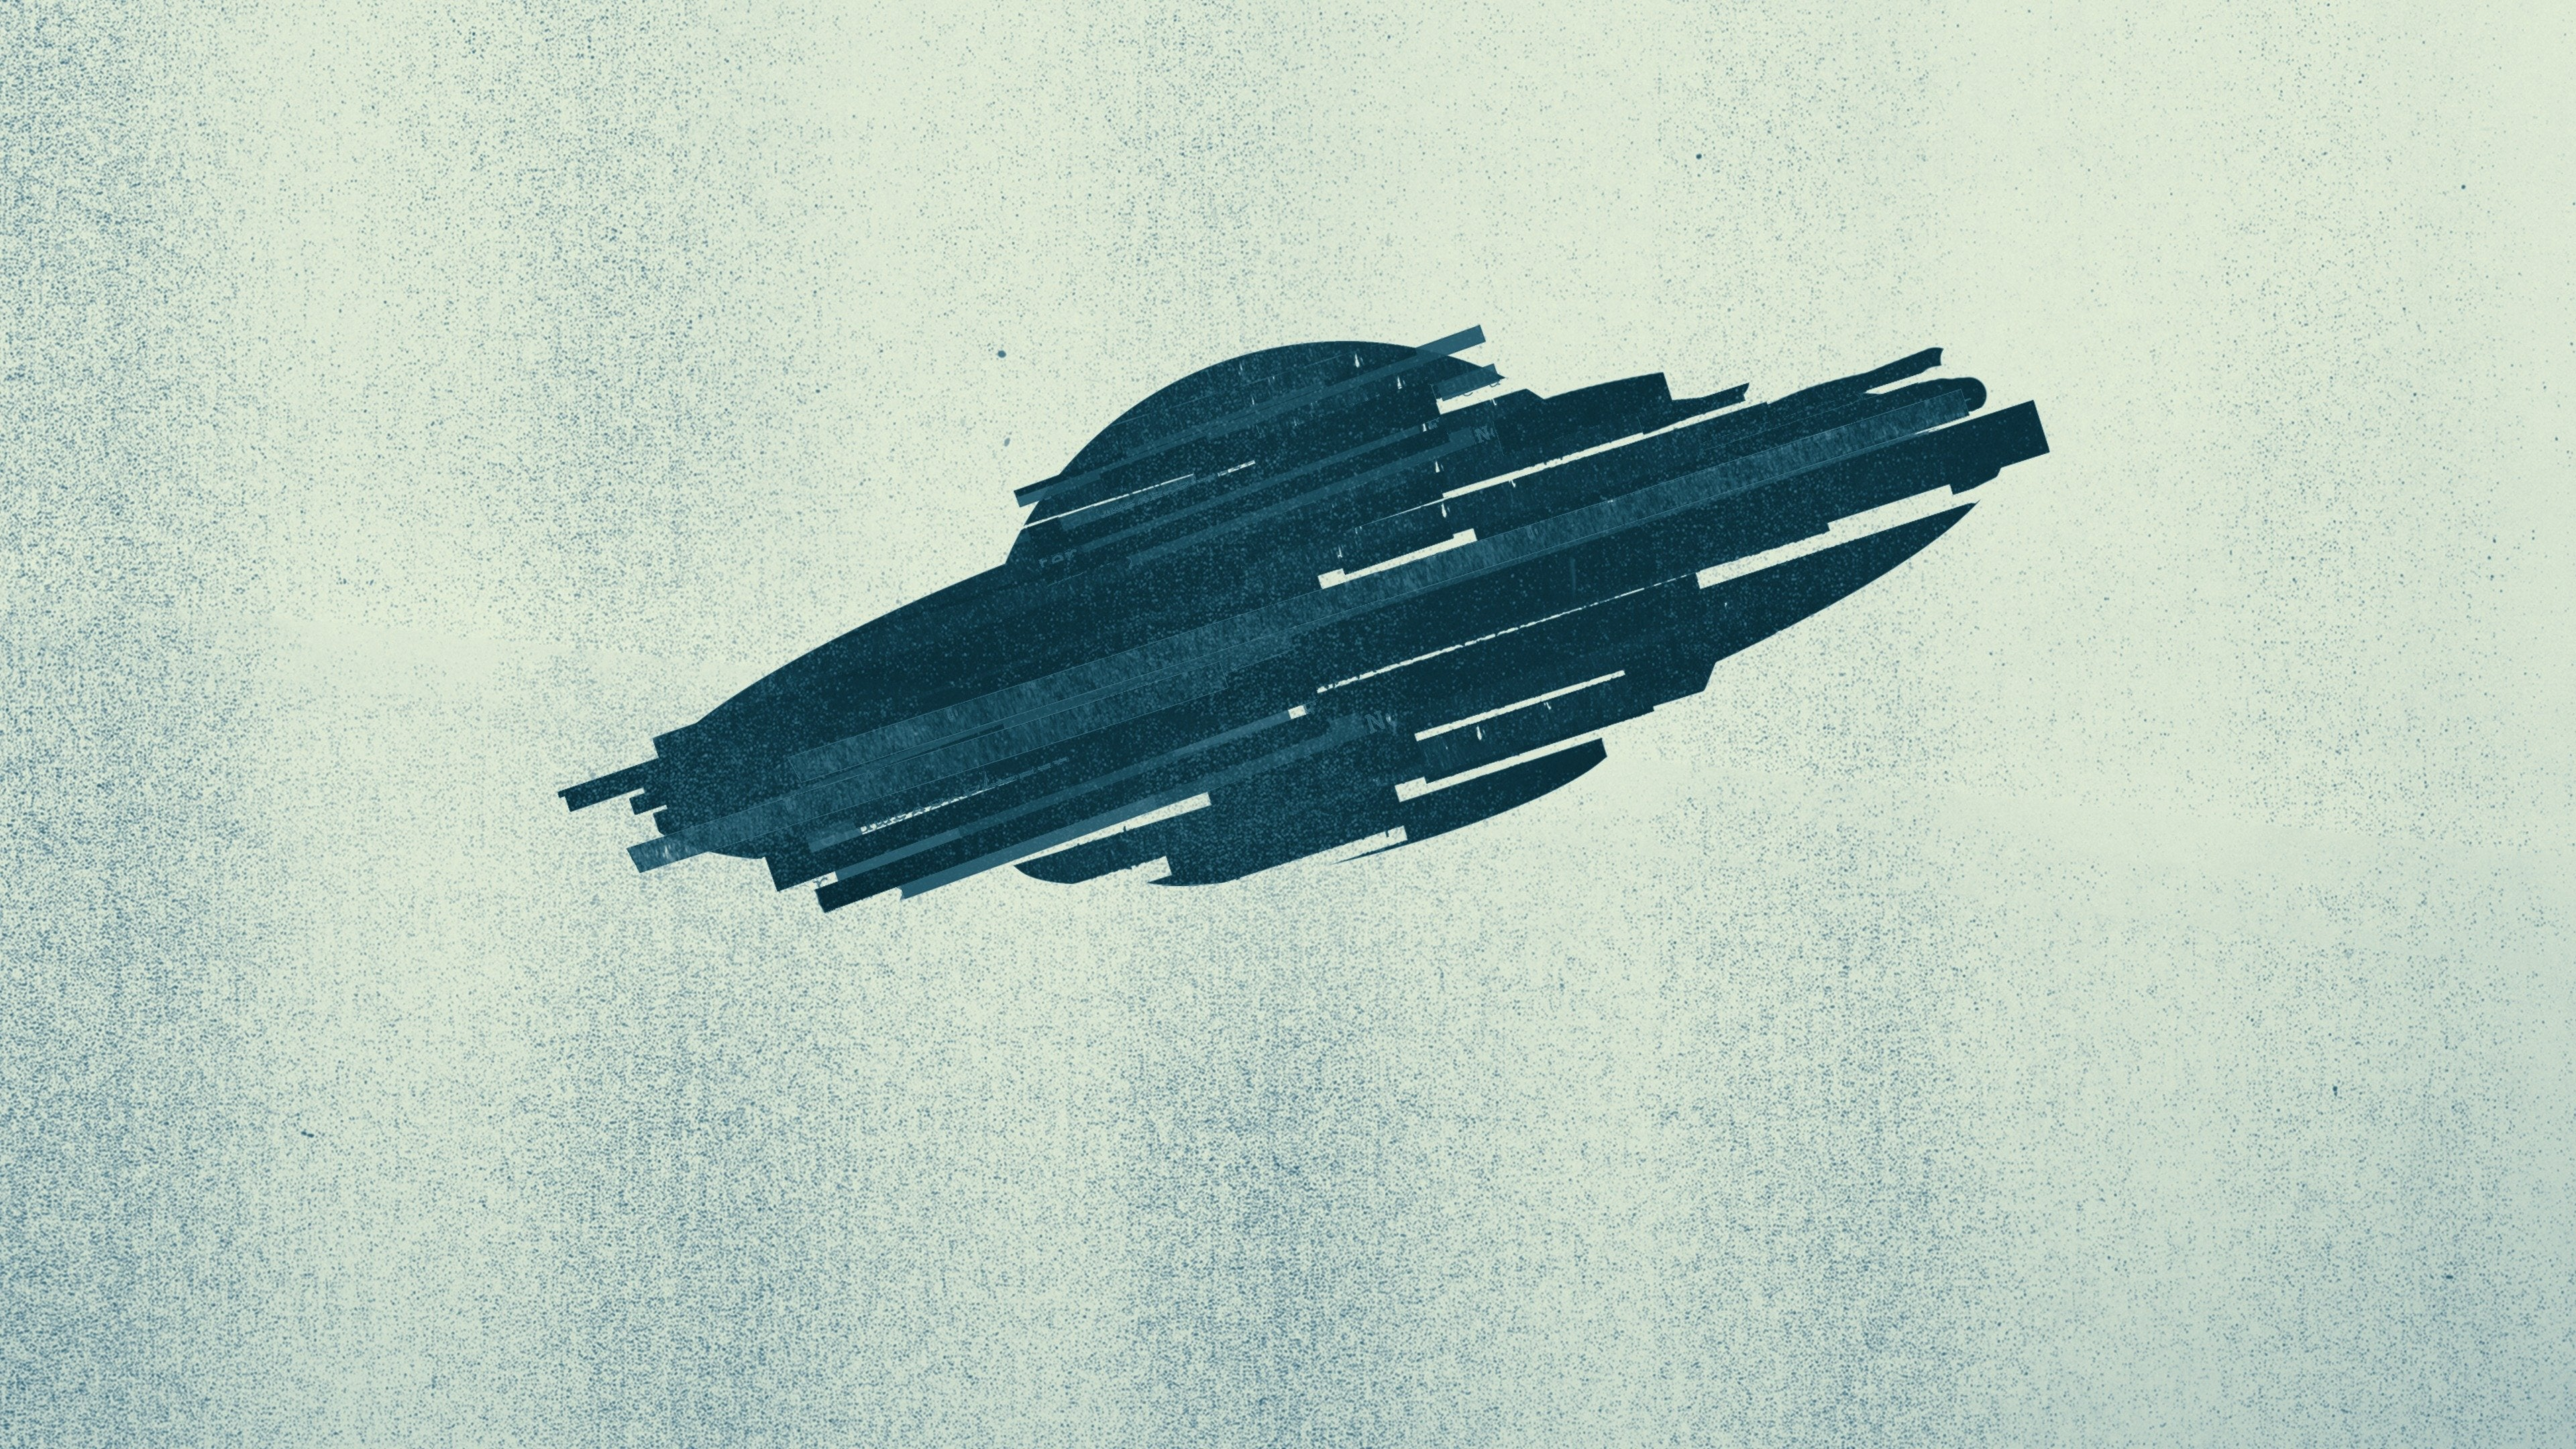 UFO's: Top Secret Alien Files